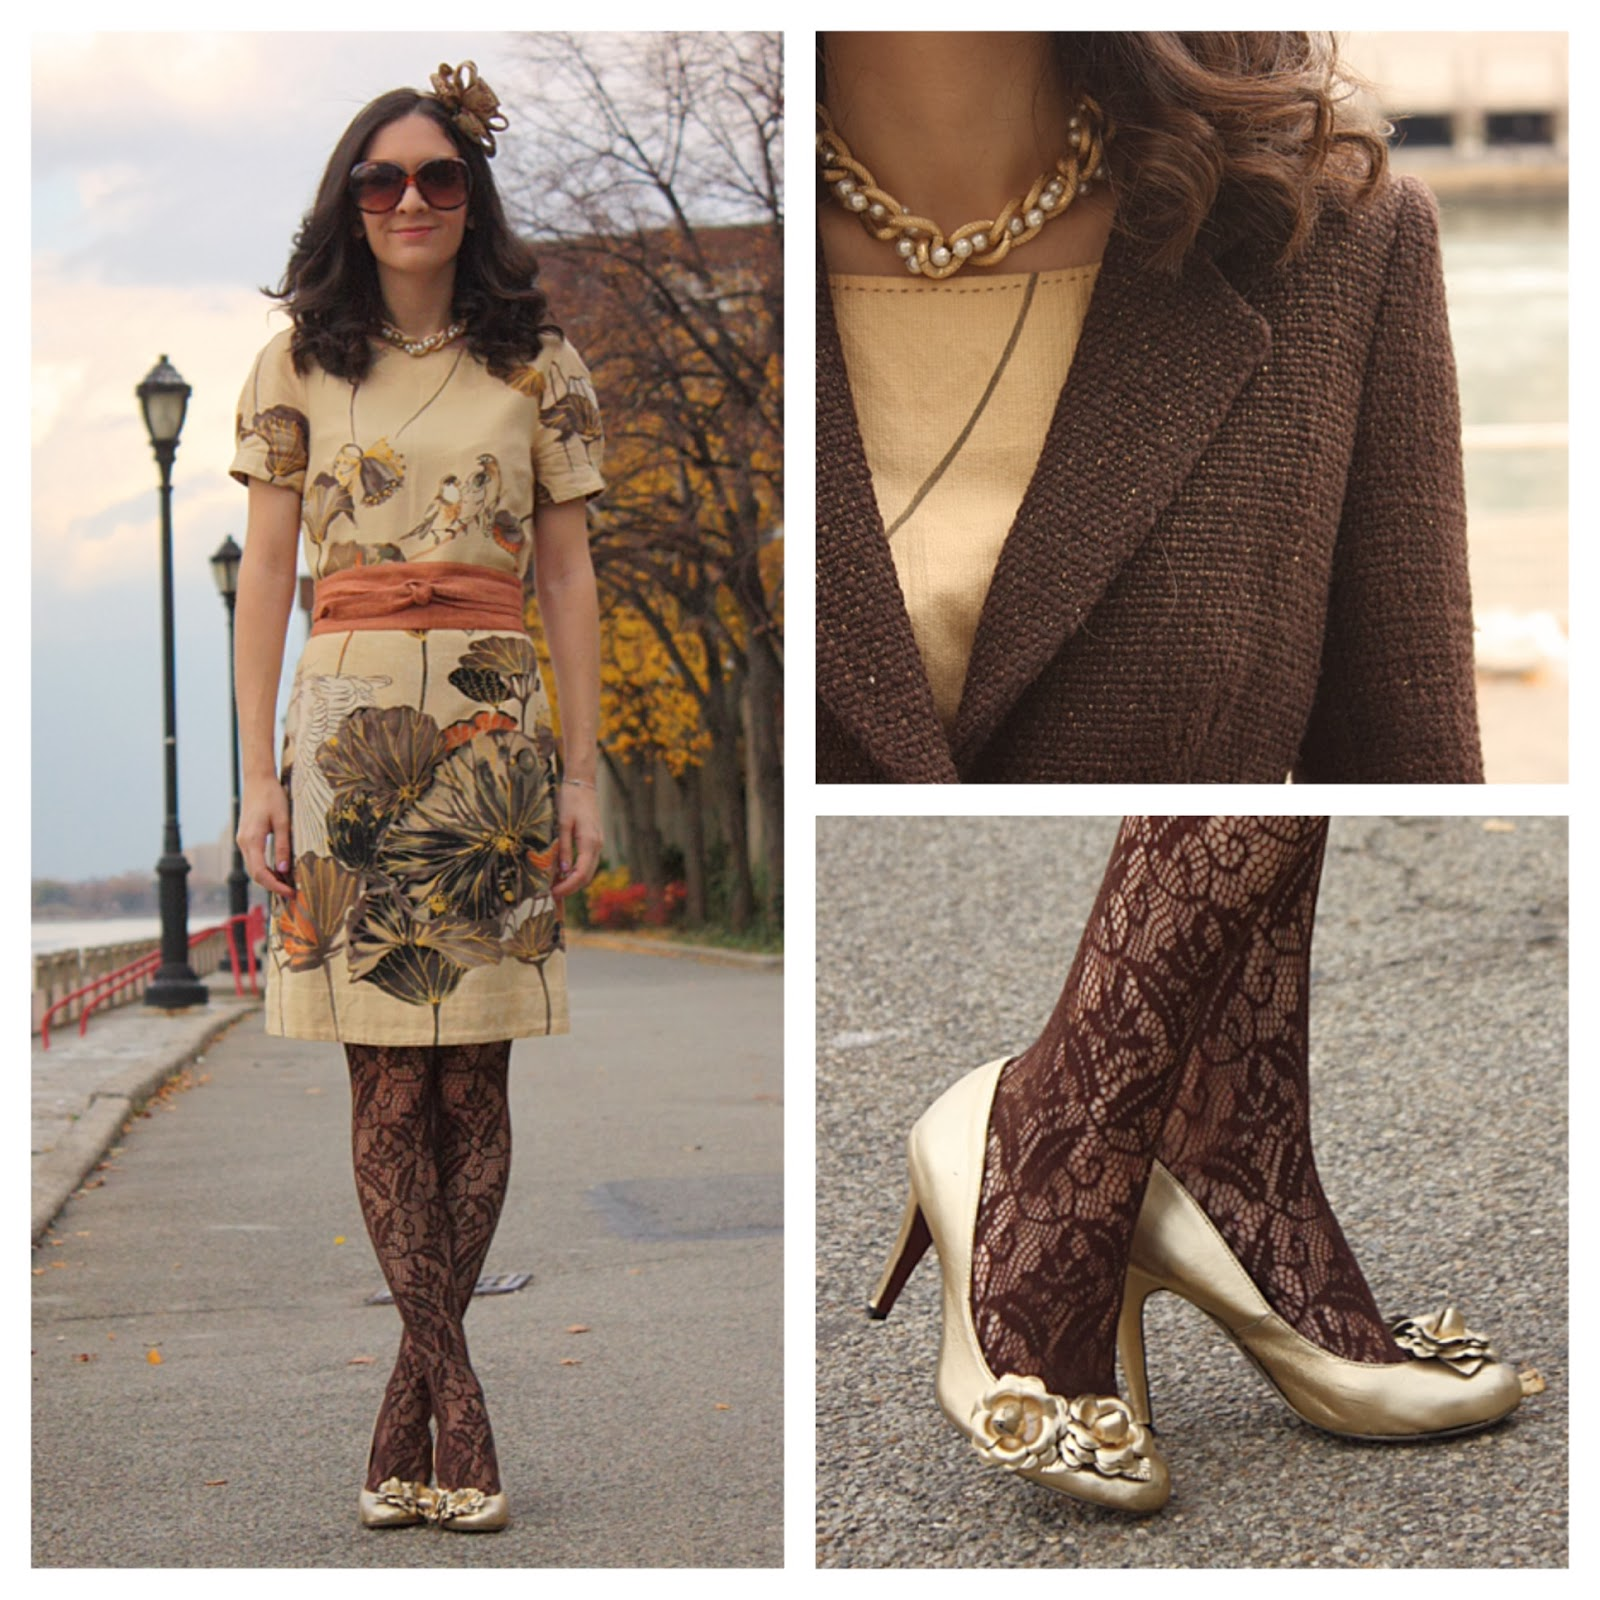 5e1af408e553e Deniz (Instagram). Dress – Anthropologie Floreat Snowy Egret Shift Dress